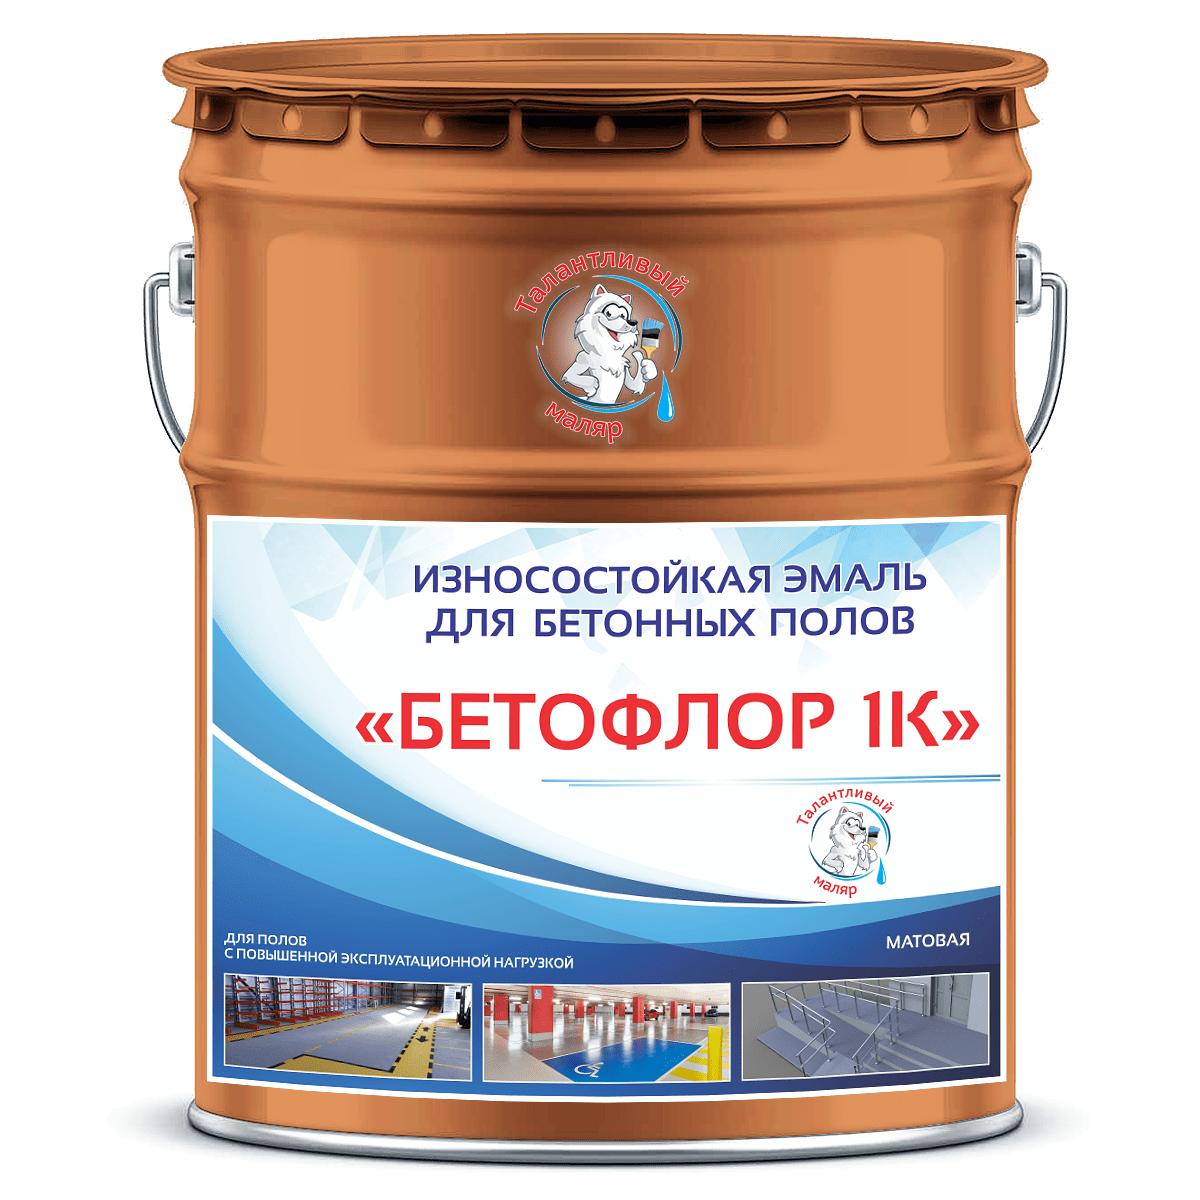 """Фото 16 - BF8023 Эмаль для бетонных полов """"Бетофлор"""" 1К цвет RAL 8023 Оранжево-коричневый, матовая износостойкая, 25 кг """"Талантливый Маляр""""."""